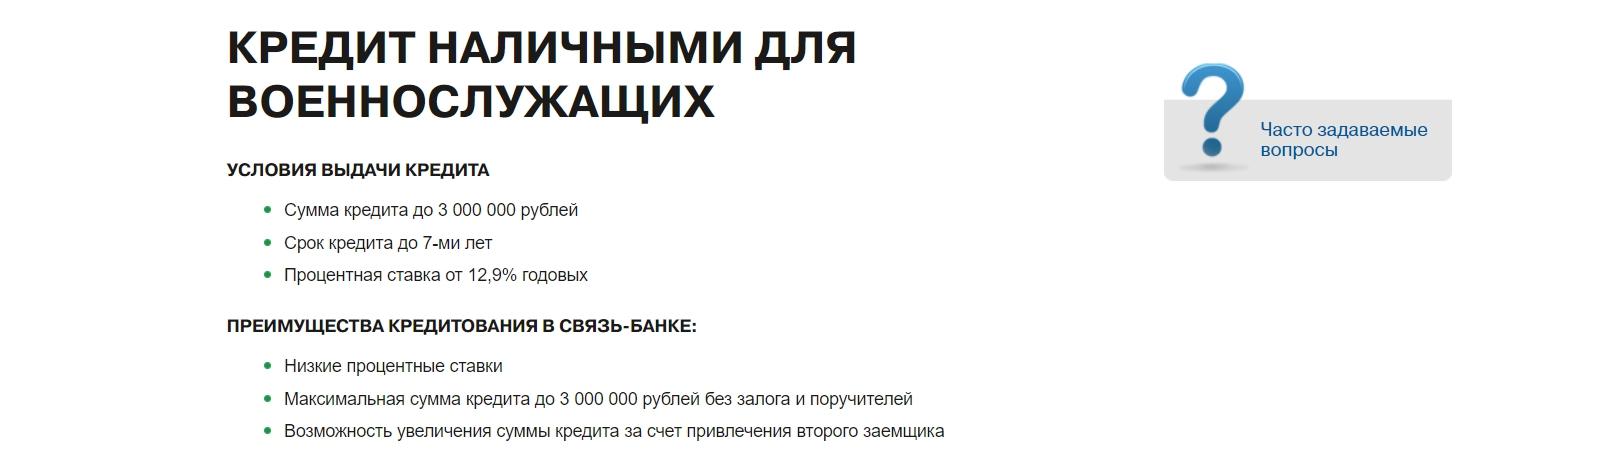 кредит военнослужащим связь банк